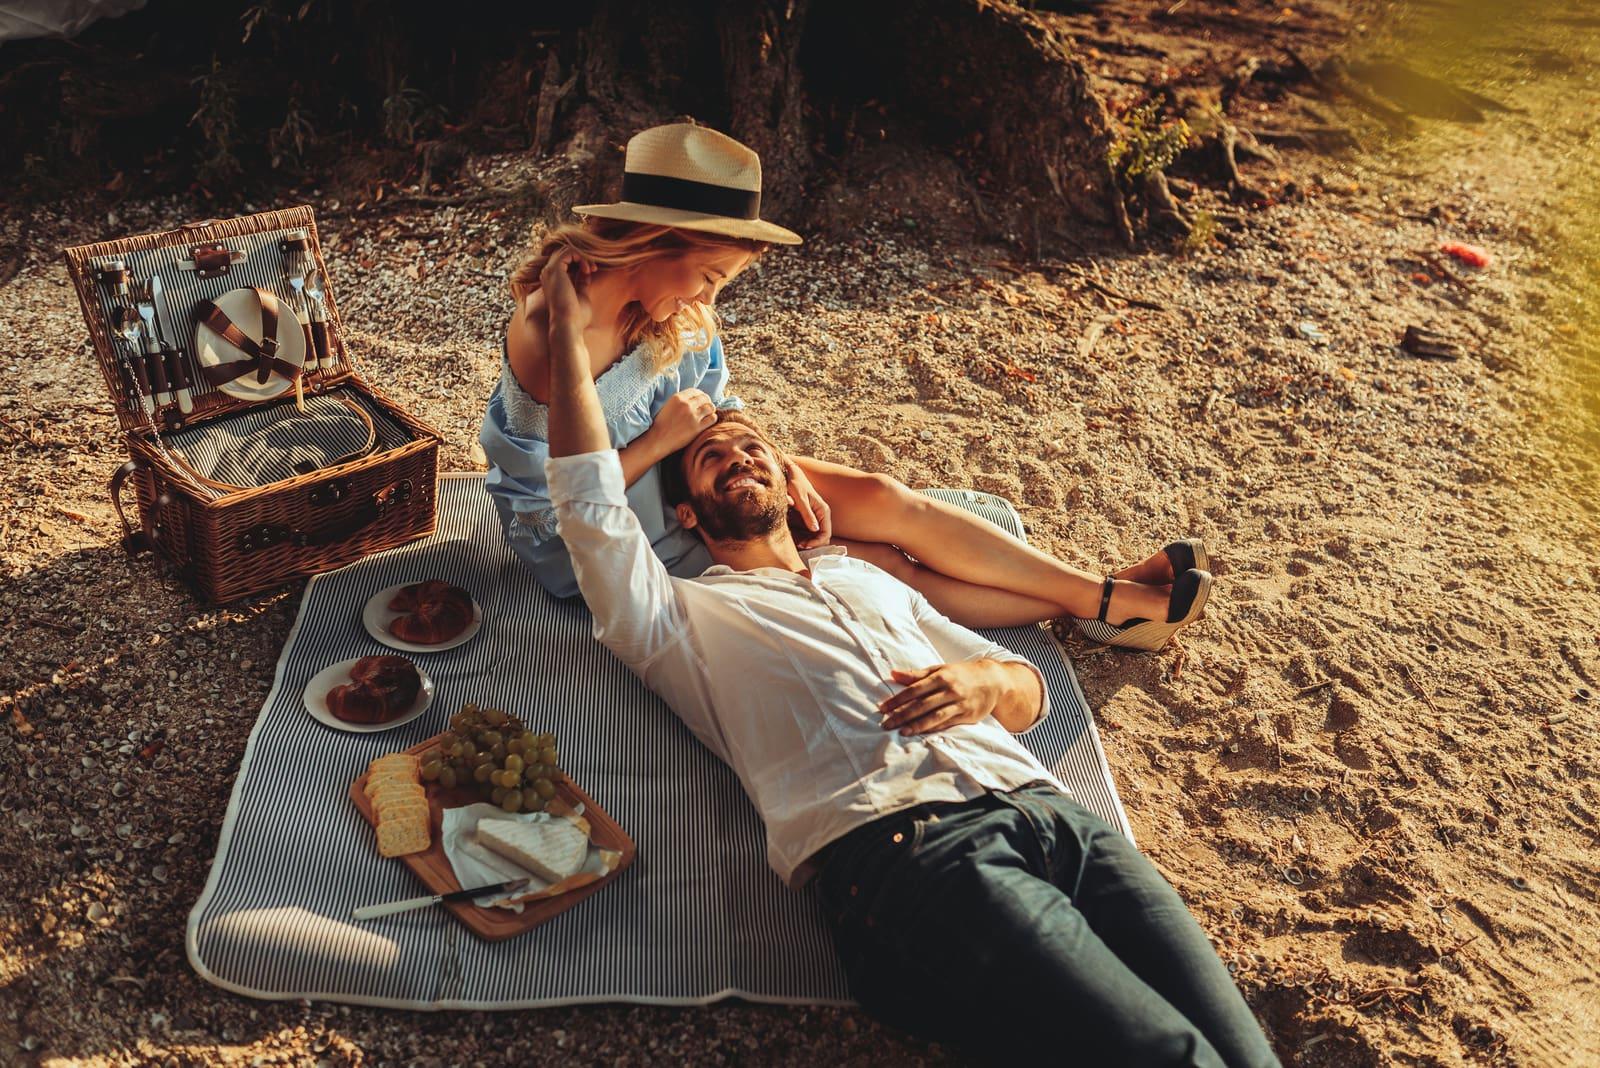 couple enjoying picnic time on the sunset